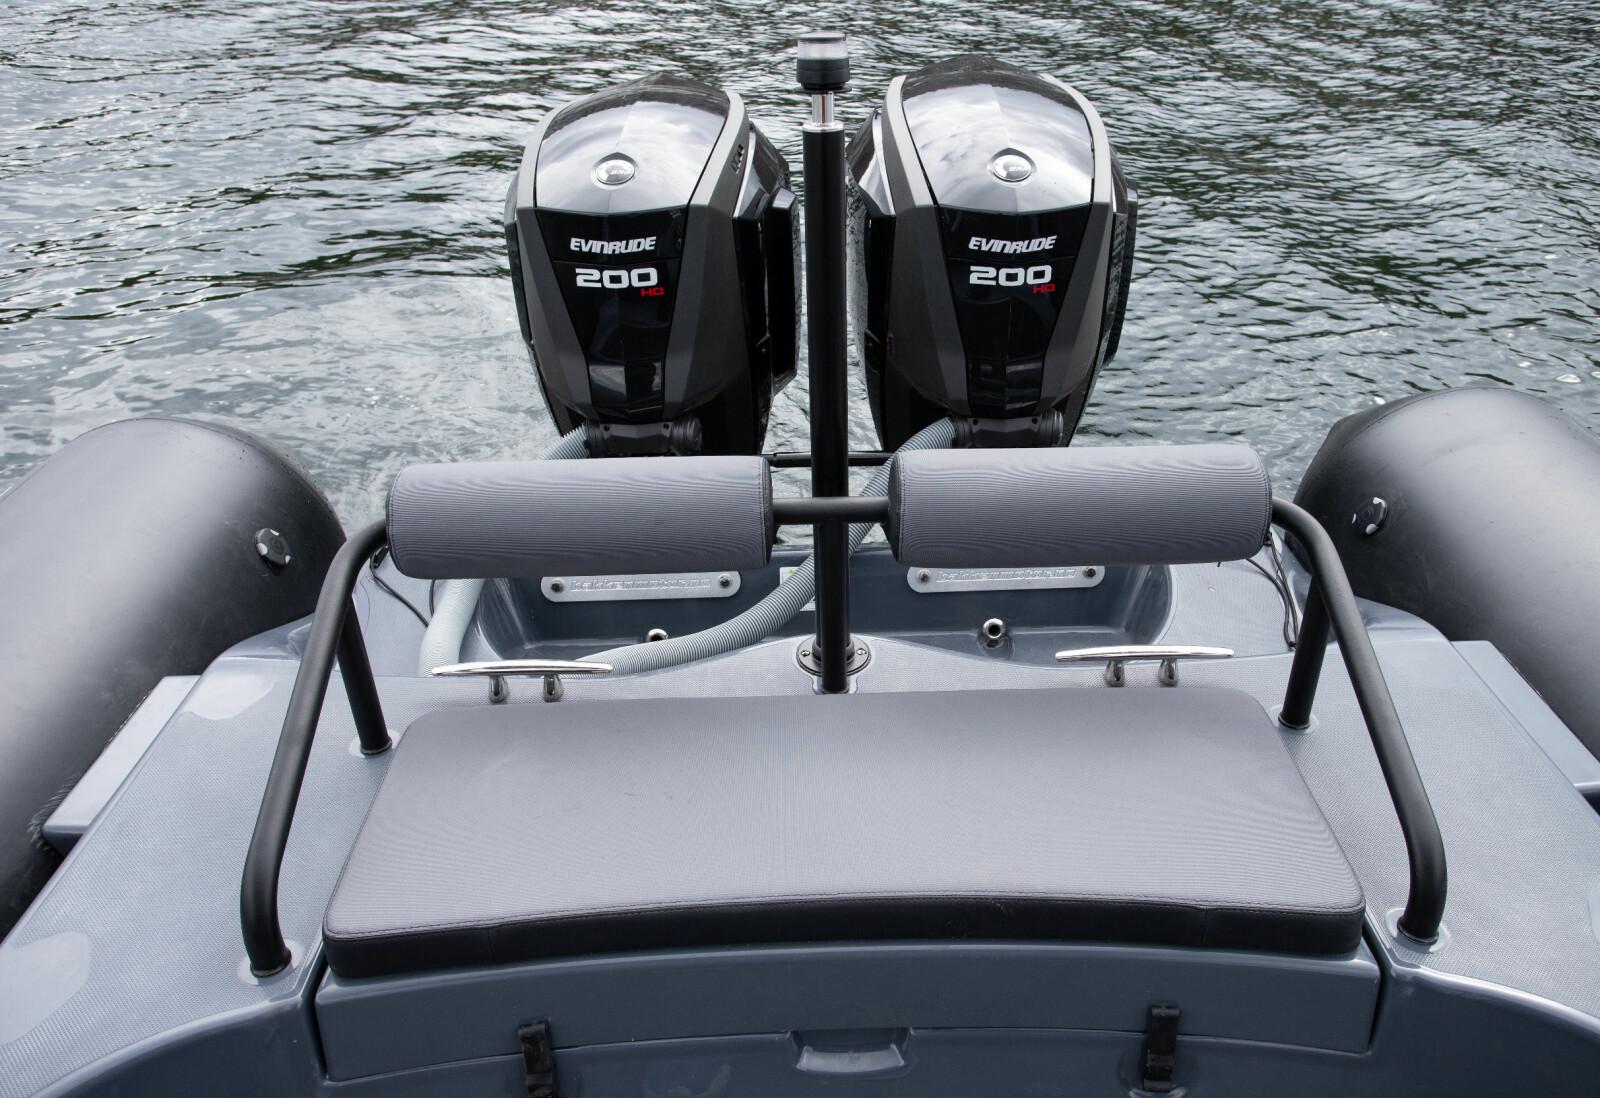 KAPASITET: Plass til to foran motorene. Hekken tåler inntil 2x250 hk.